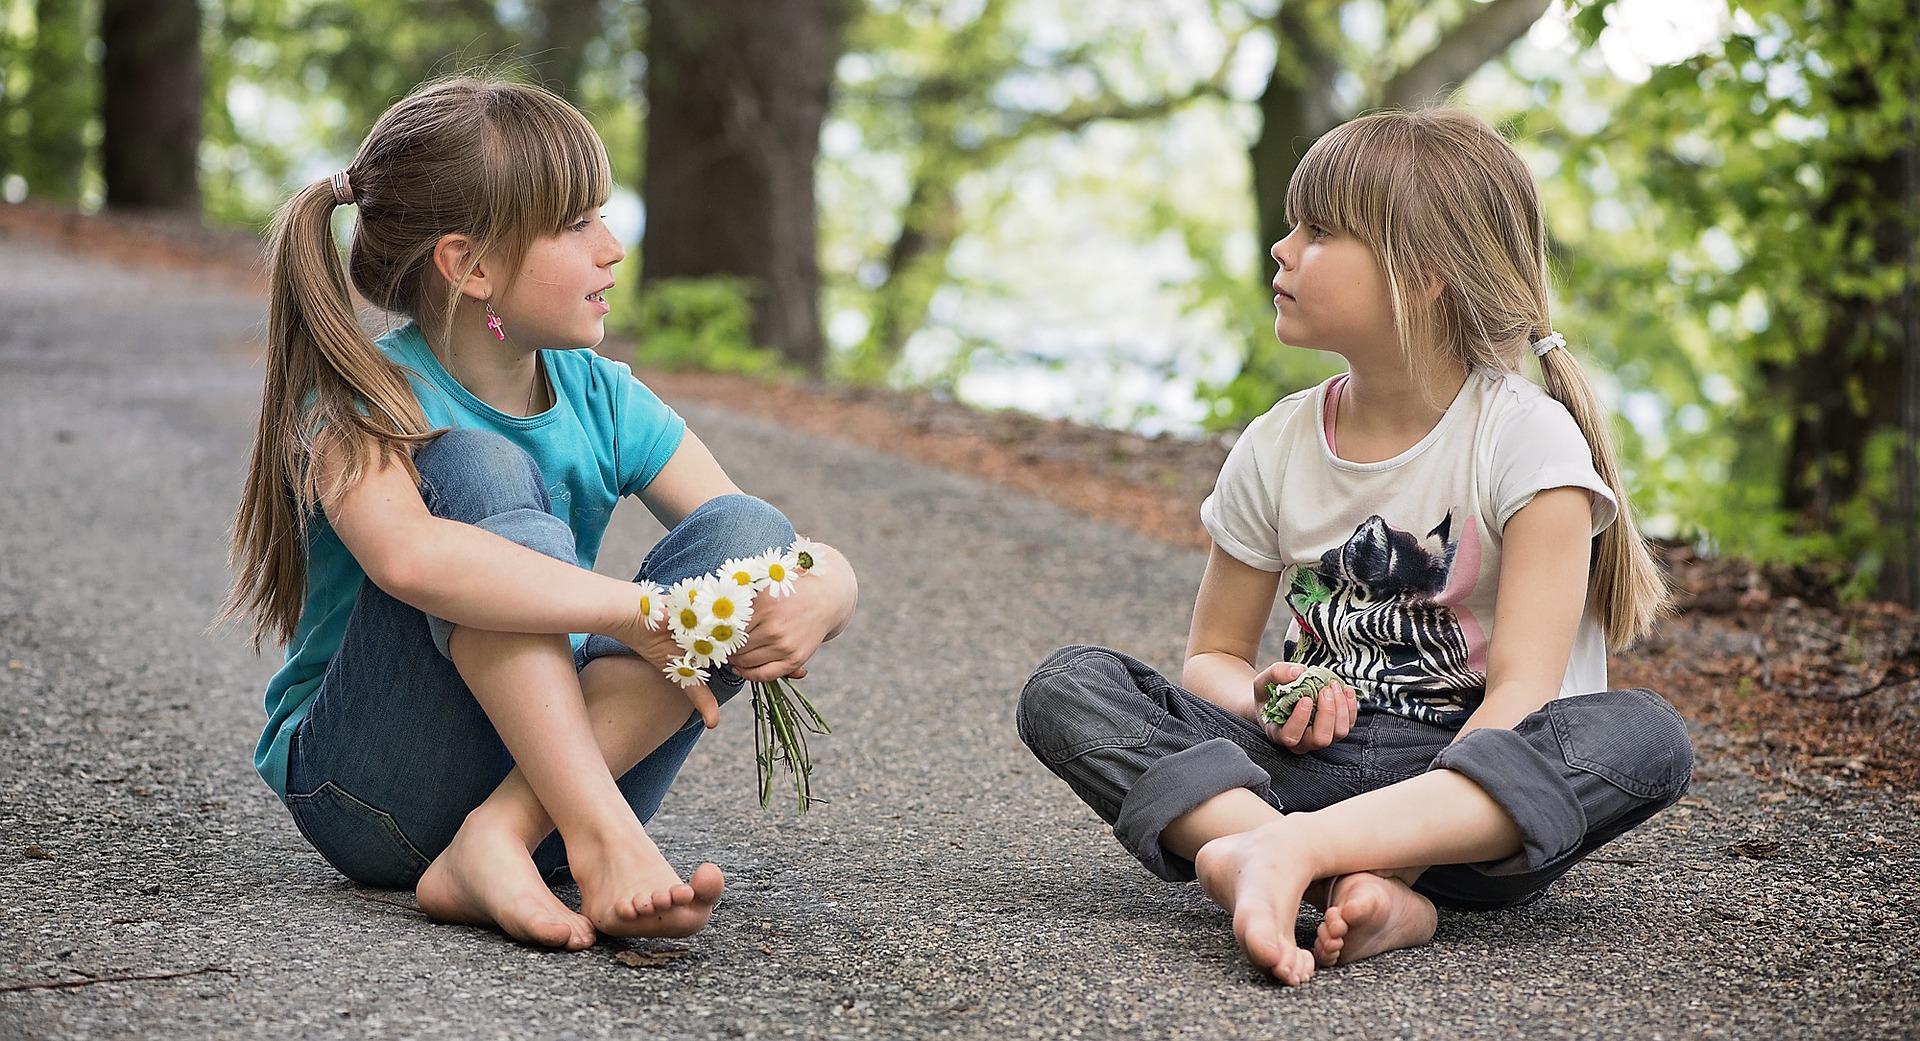 Children siblings play